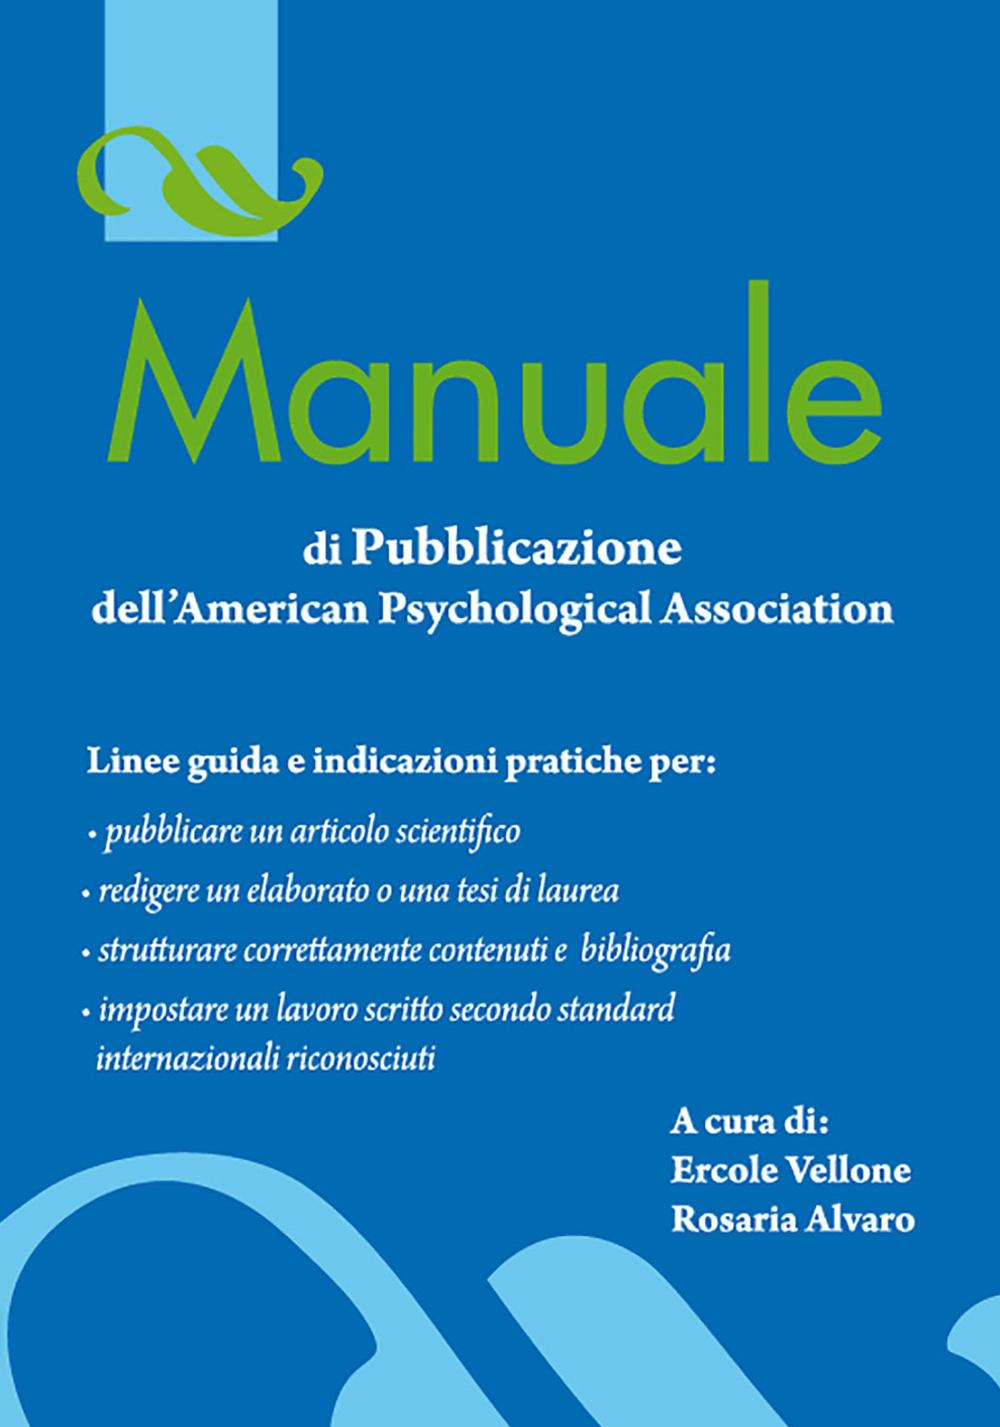 MANUALE DI PUBBLICAZIONE DELL'AMERICAN PSYCHOLOGICAL ASSOCIATION - 9788879597074